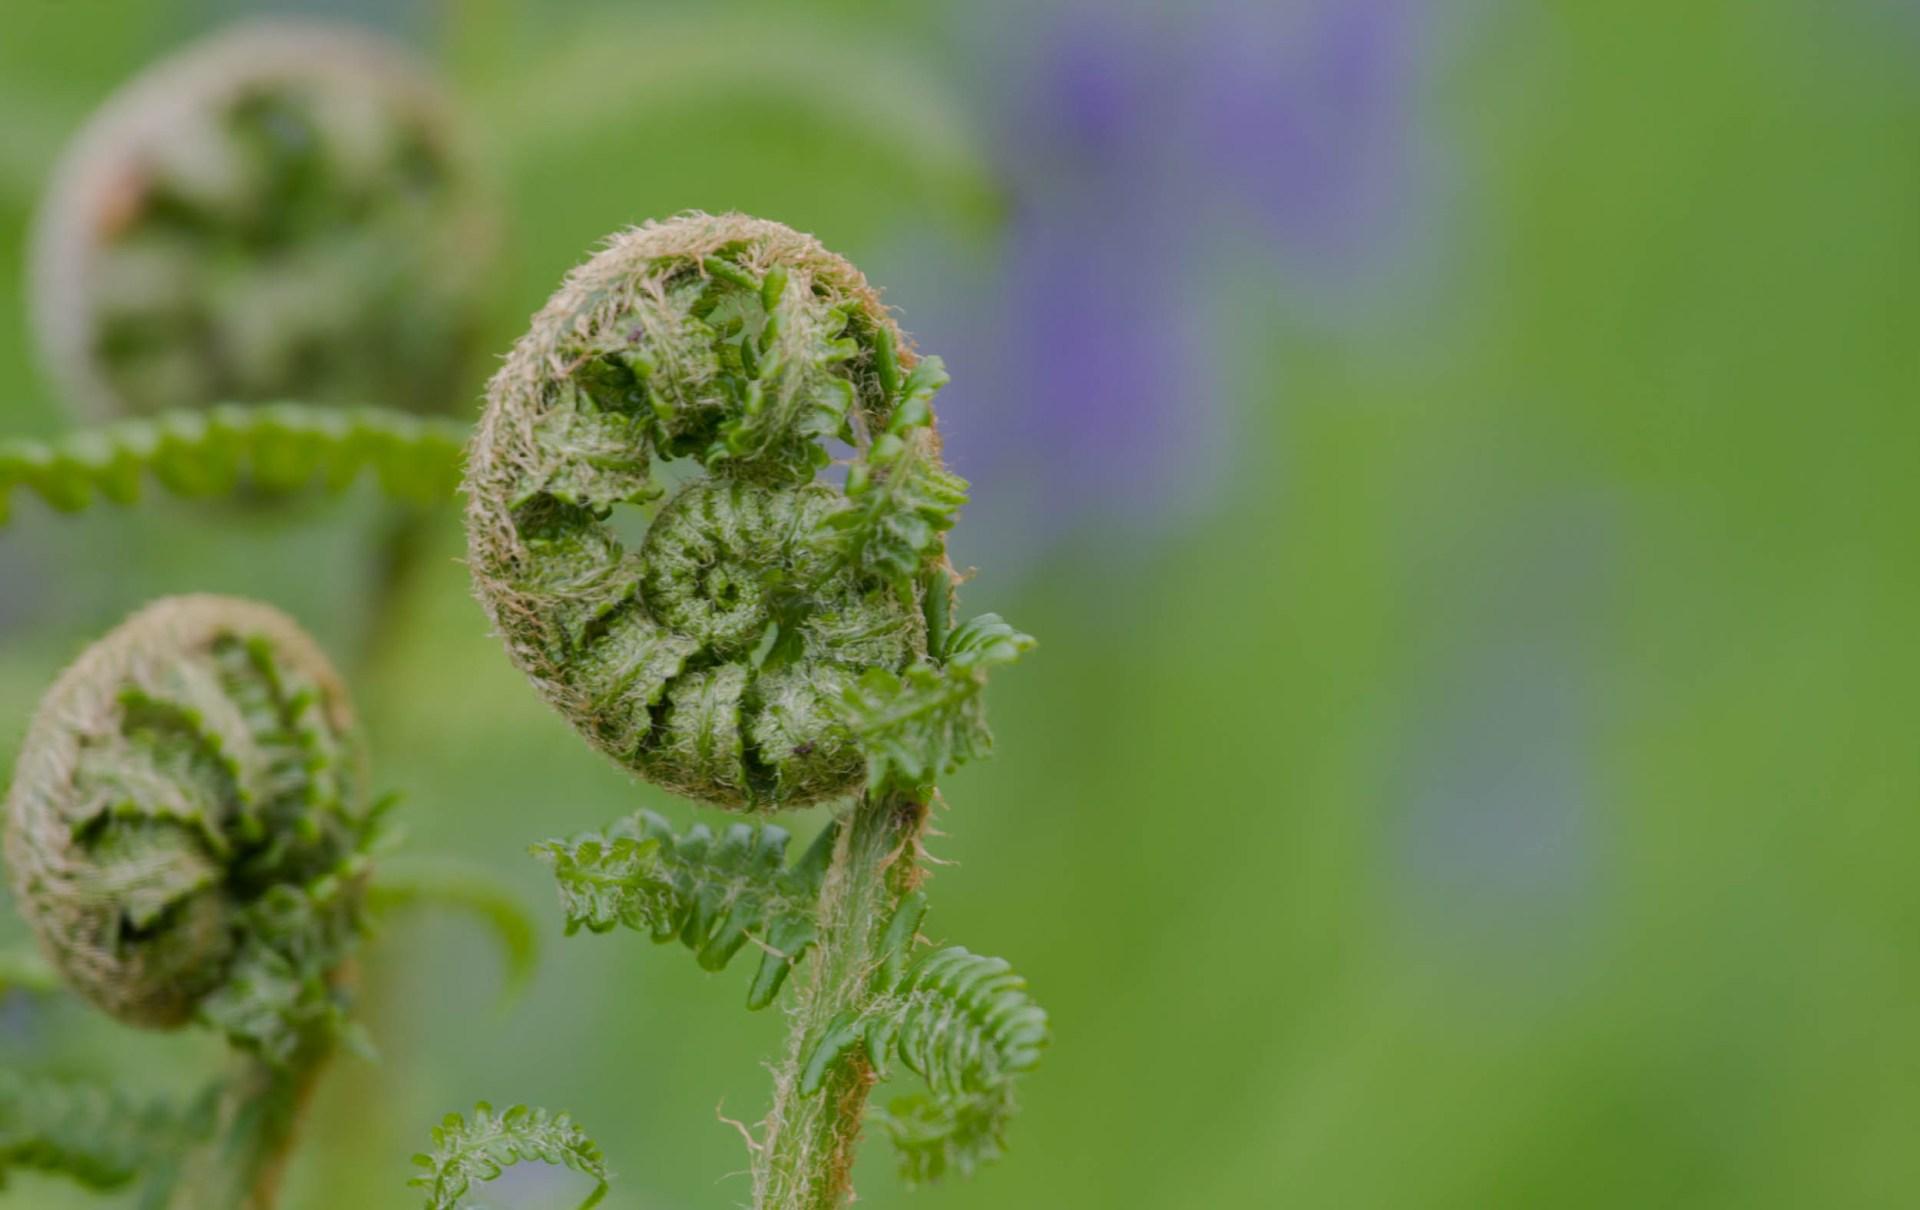 New green fern unfurling